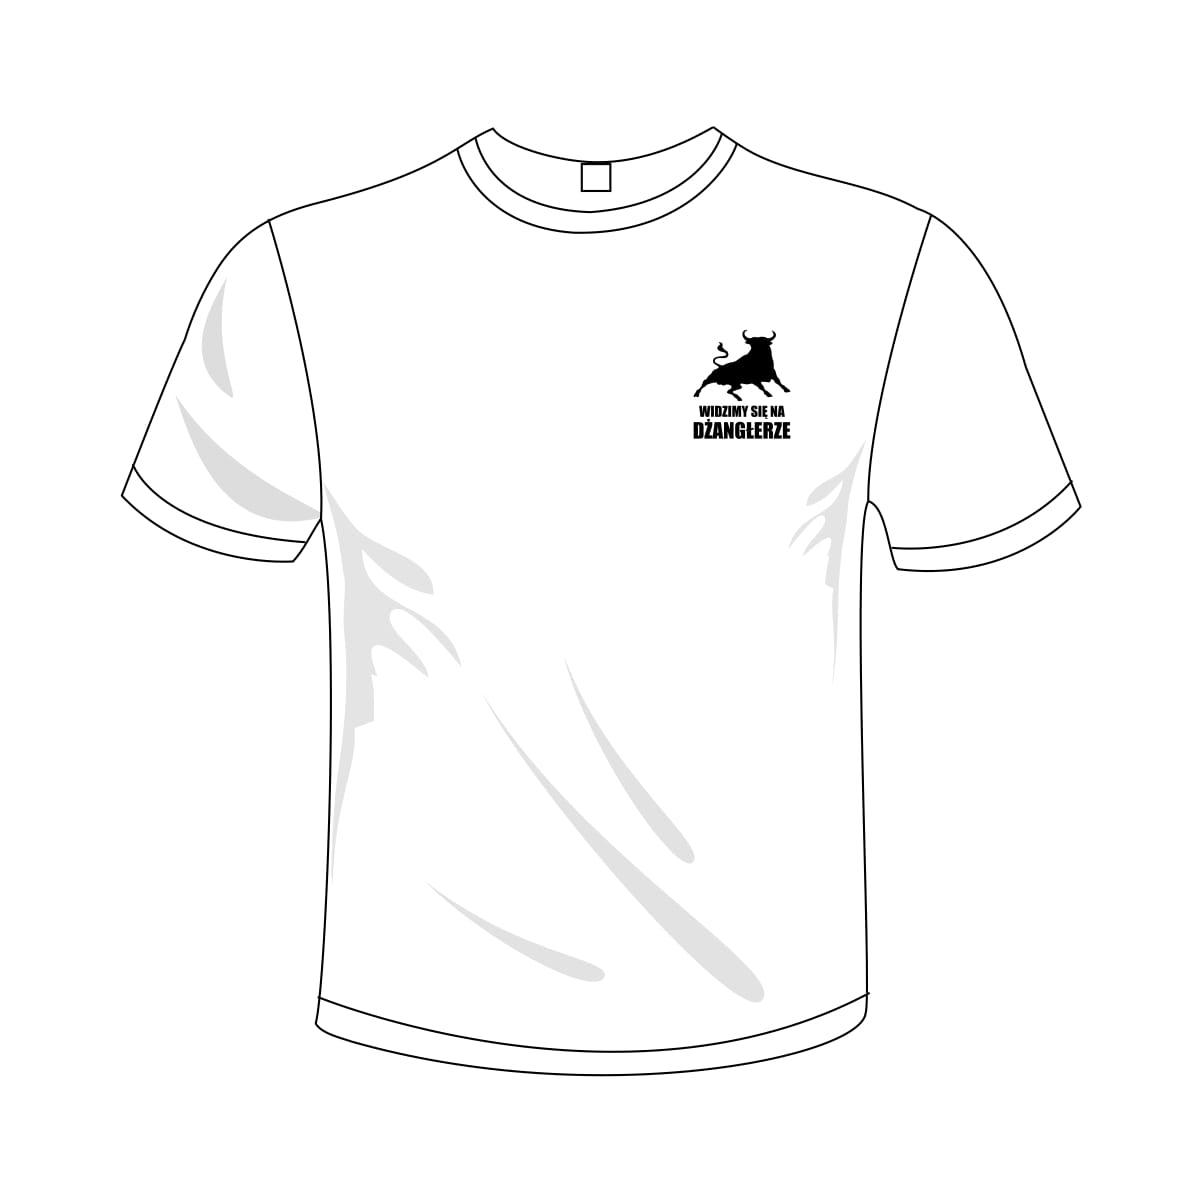 c724962f0 Koszulka męska - 4,5 Widzimy się na Dżangłerze - dołącz do naszej ...